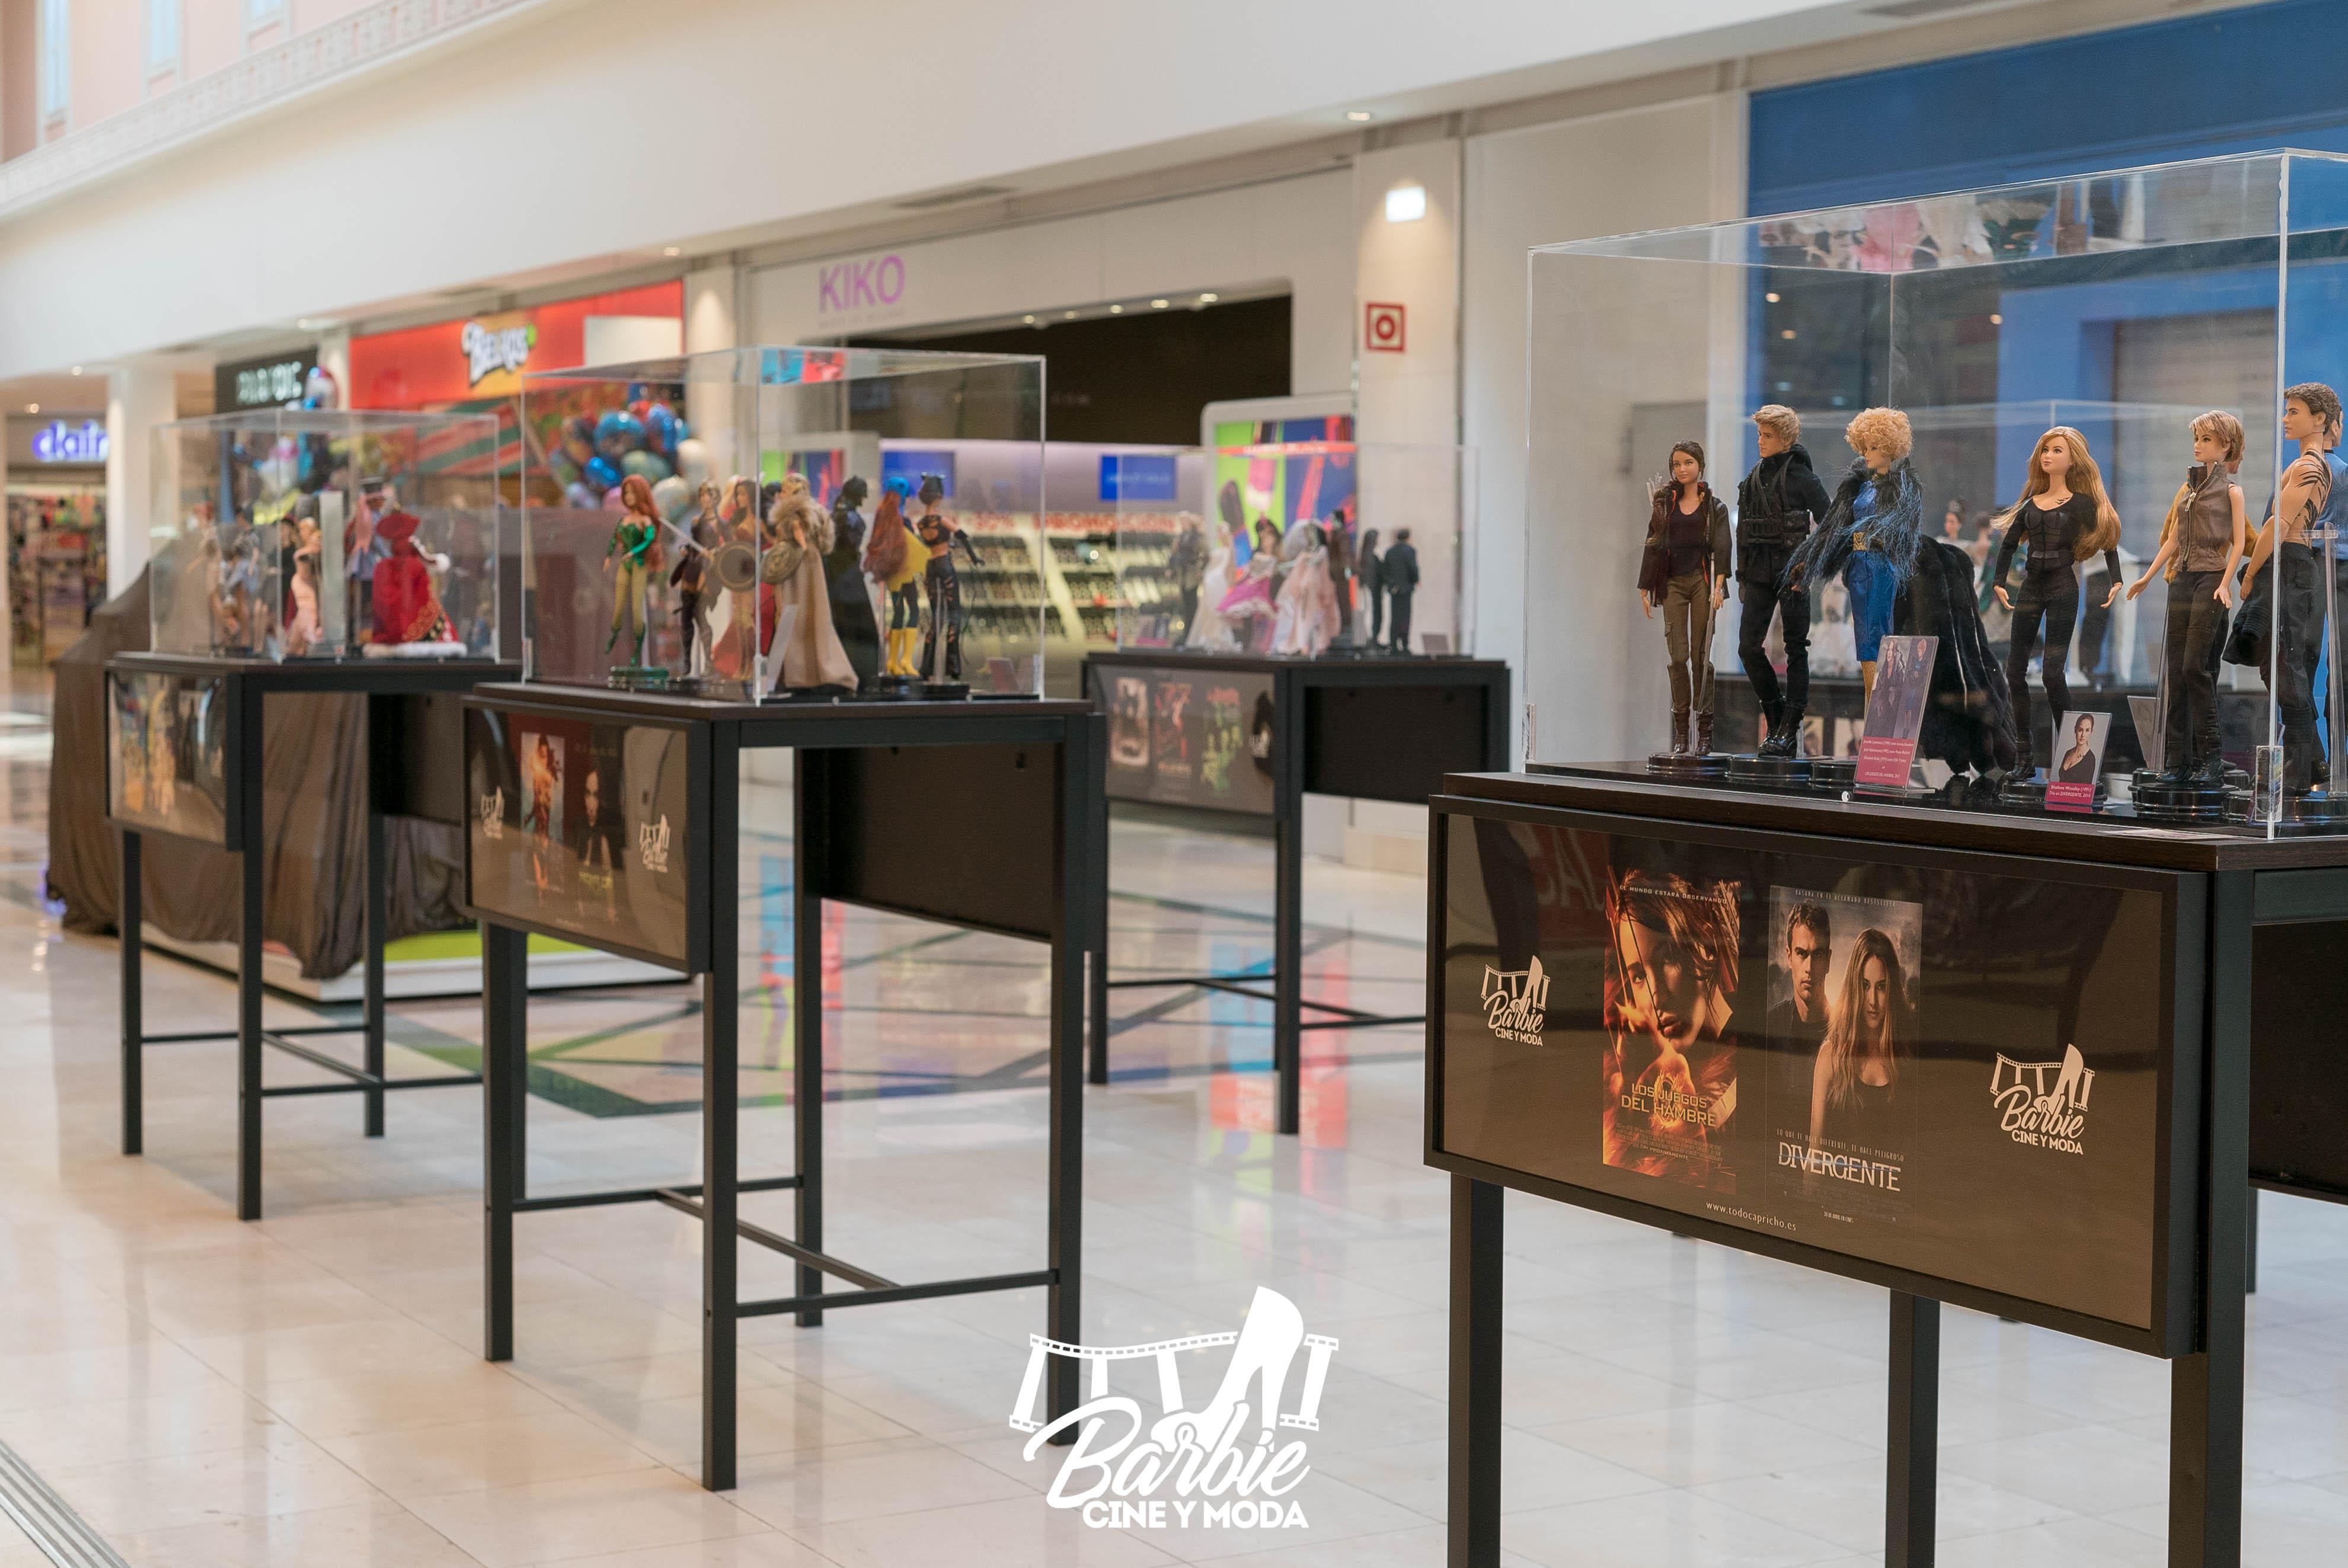 Expositores en el centro comercial Plaza Loranca 2